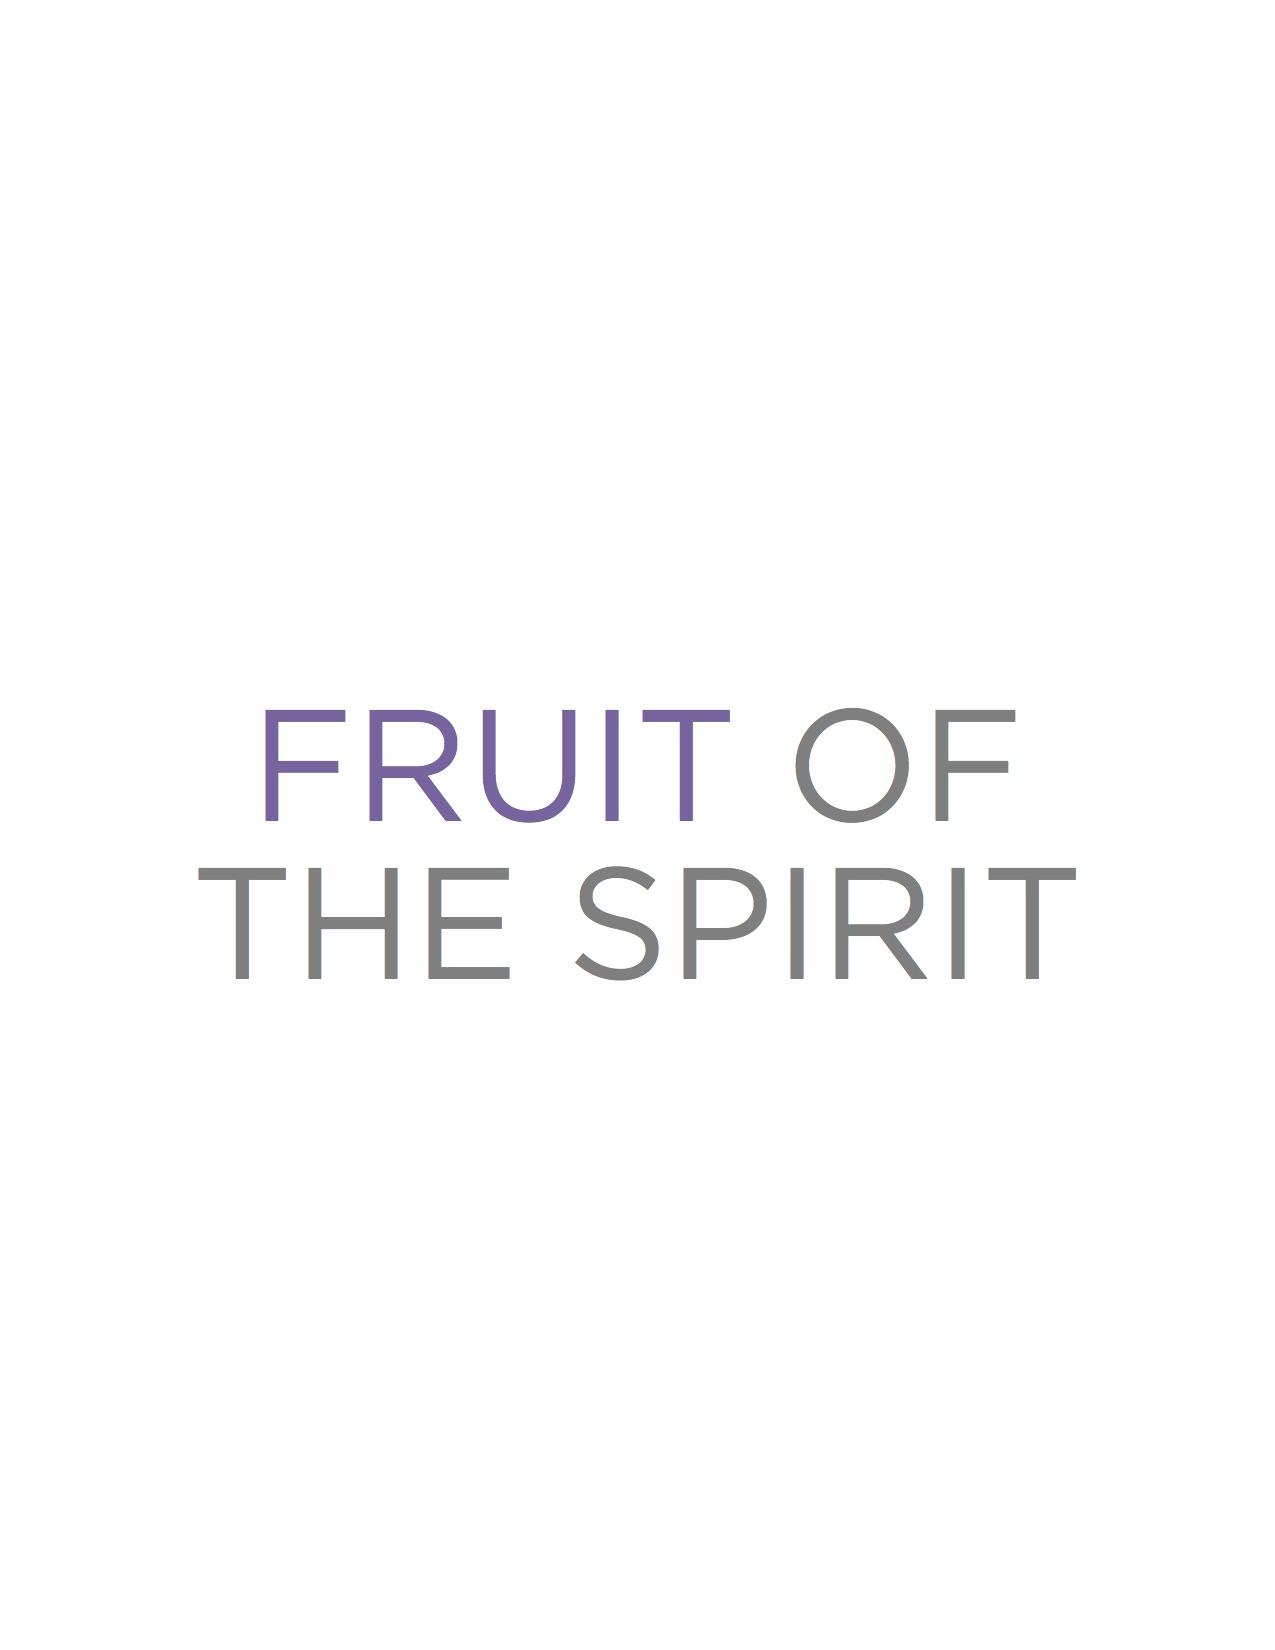 FRUIT OF THE SPIRIT.jpg